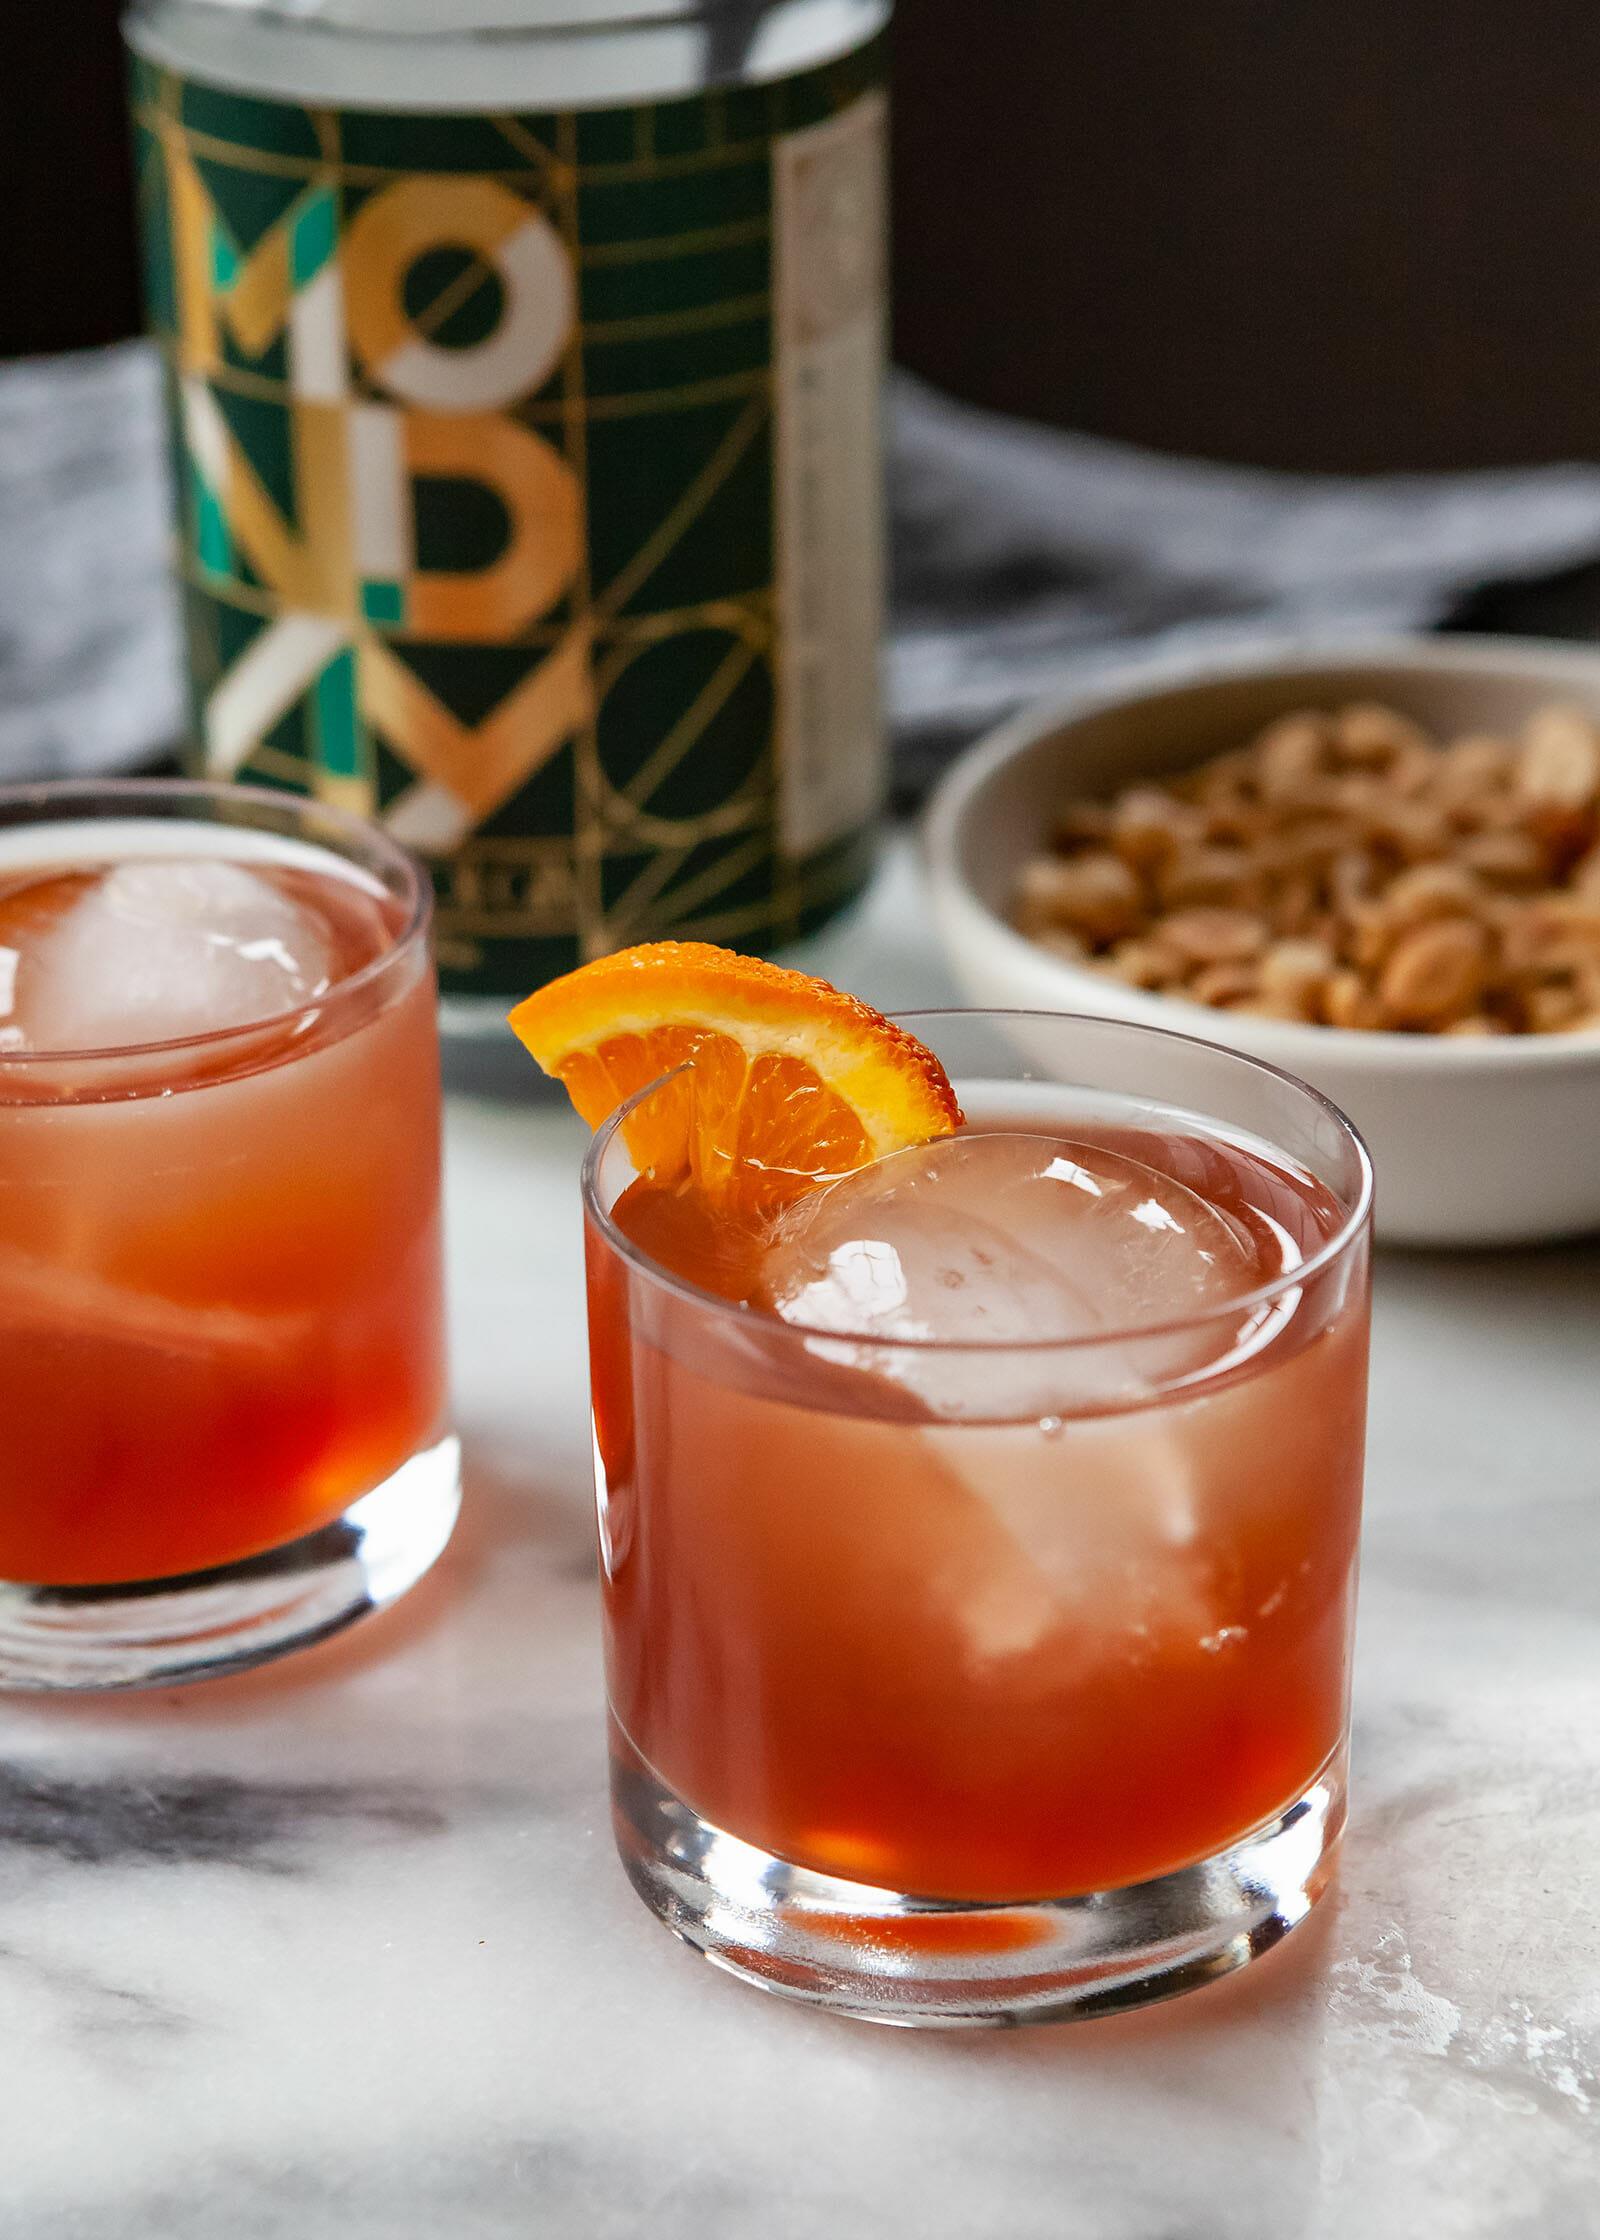 Безалкогольные негрони в бокале со льдом и долькой апельсина. Барные орехи и безалкогольный джин изображены за стеклом.